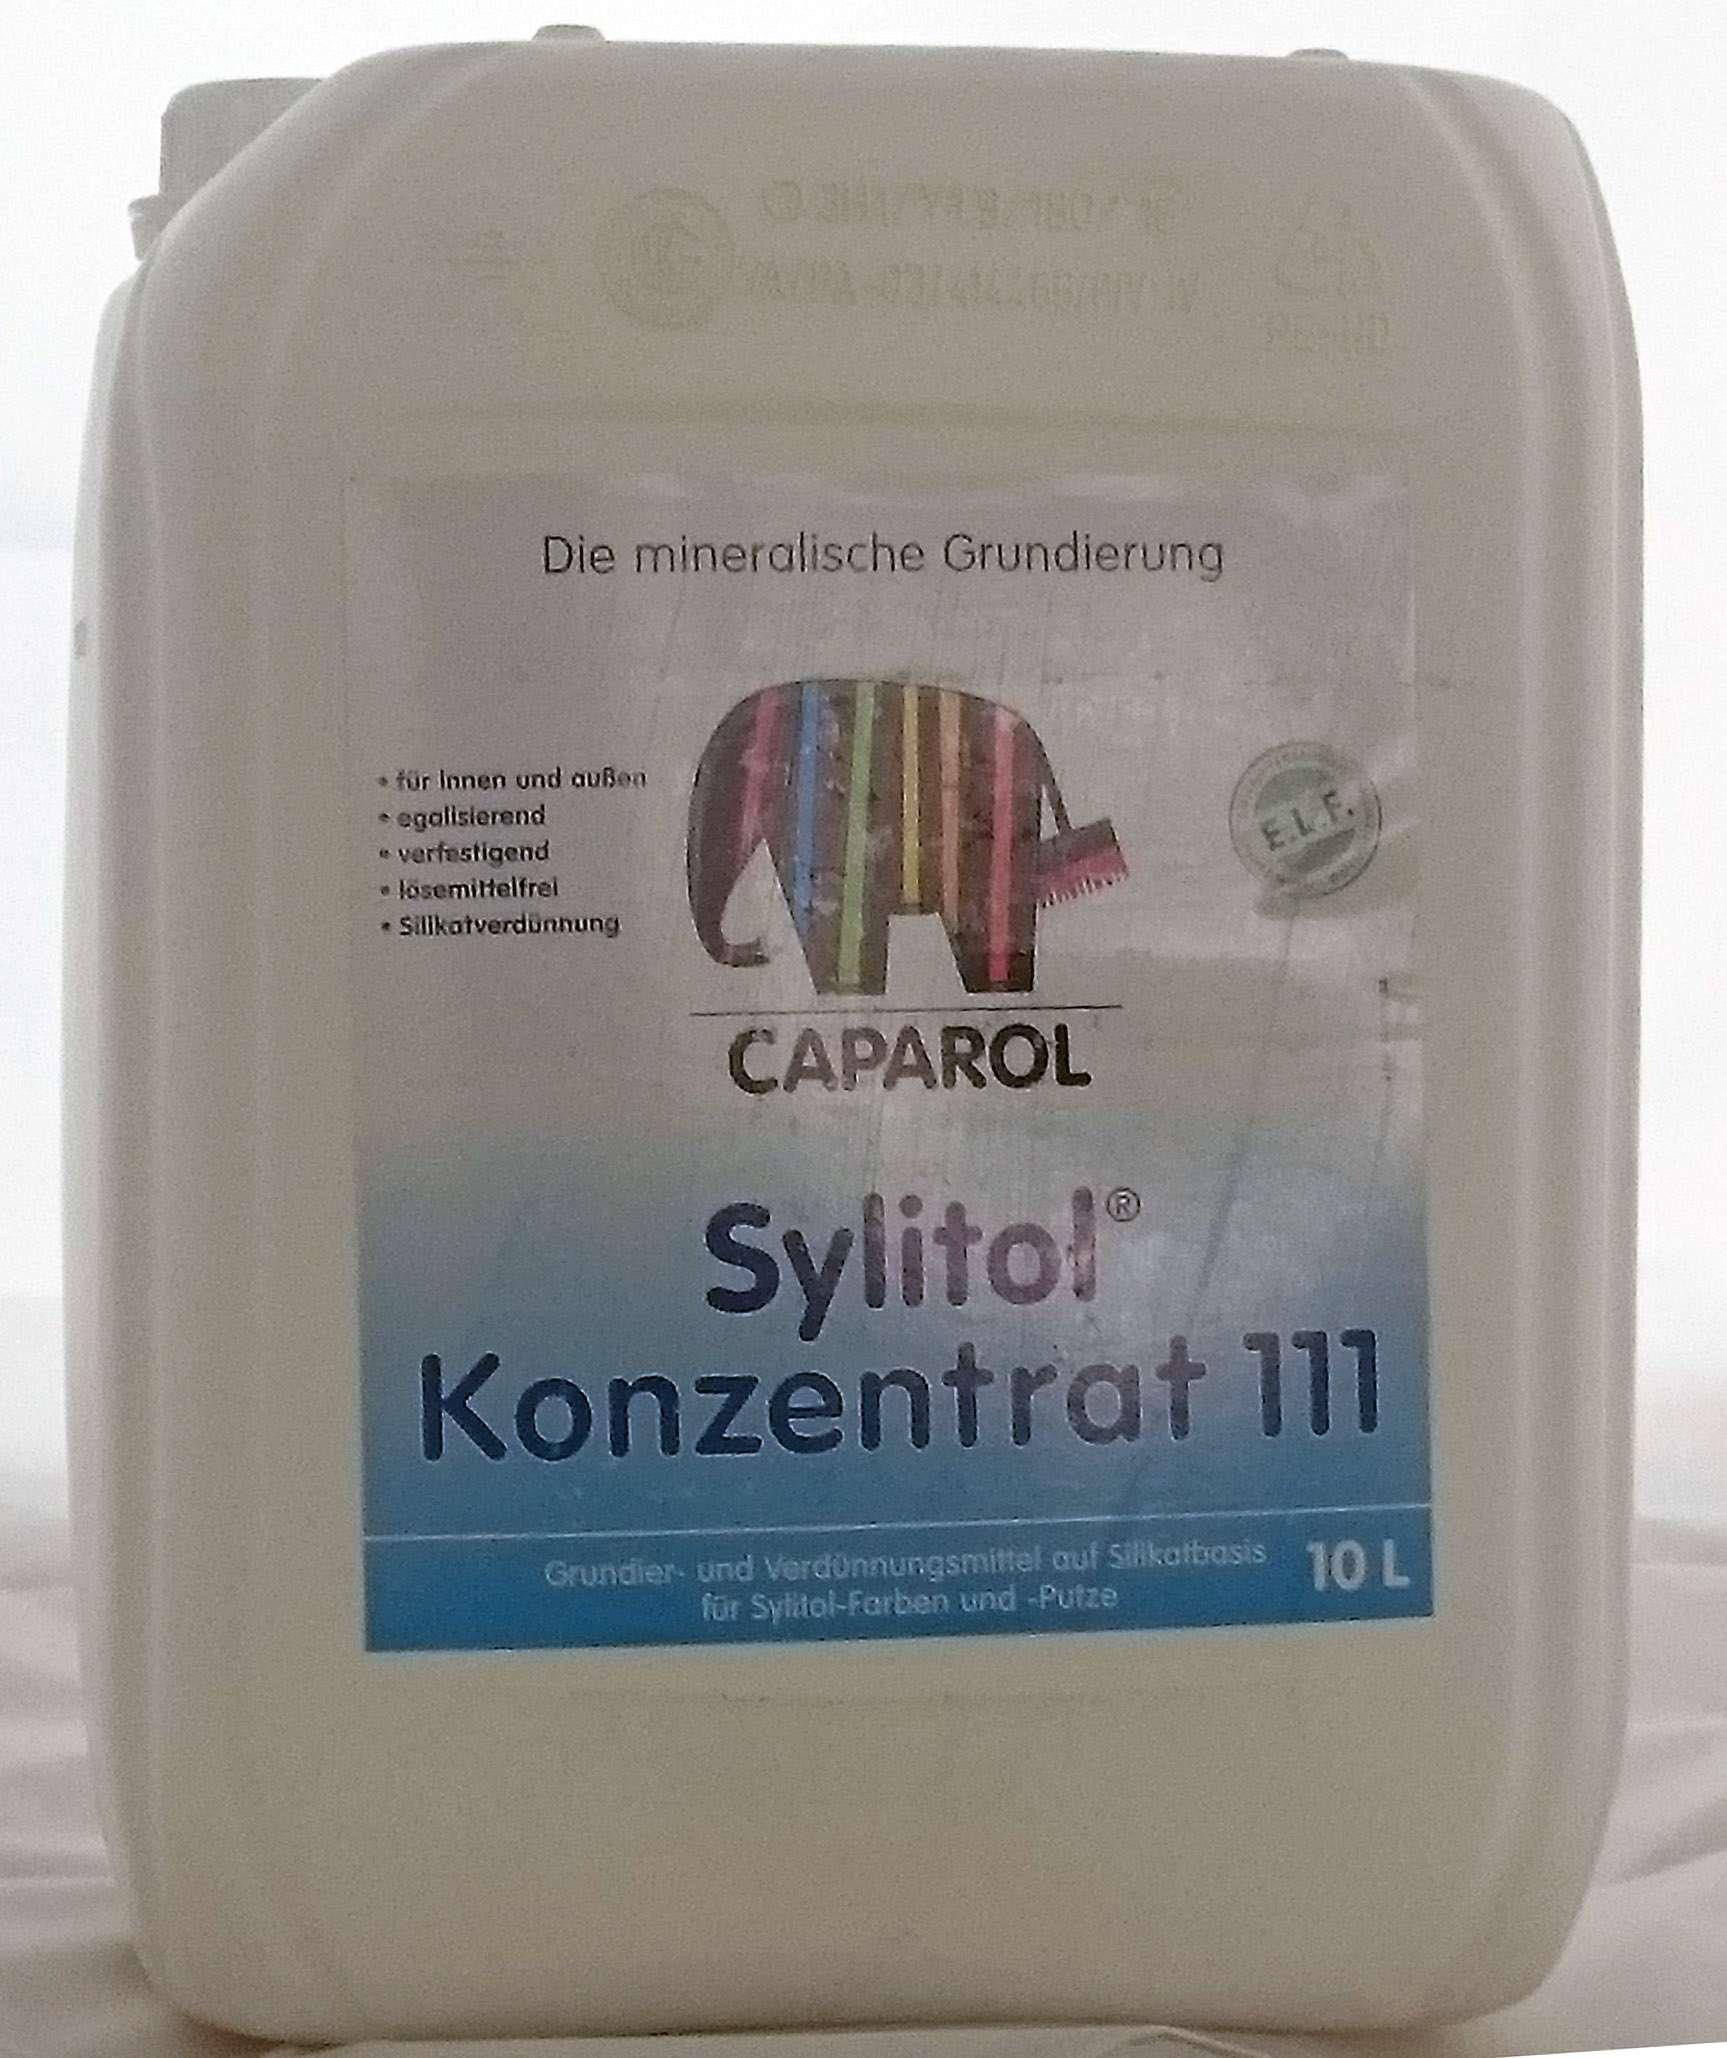 7 40 l caparol sylitol konzentrat 111 10 liter grundierung verd nnungsmittel ebay. Black Bedroom Furniture Sets. Home Design Ideas